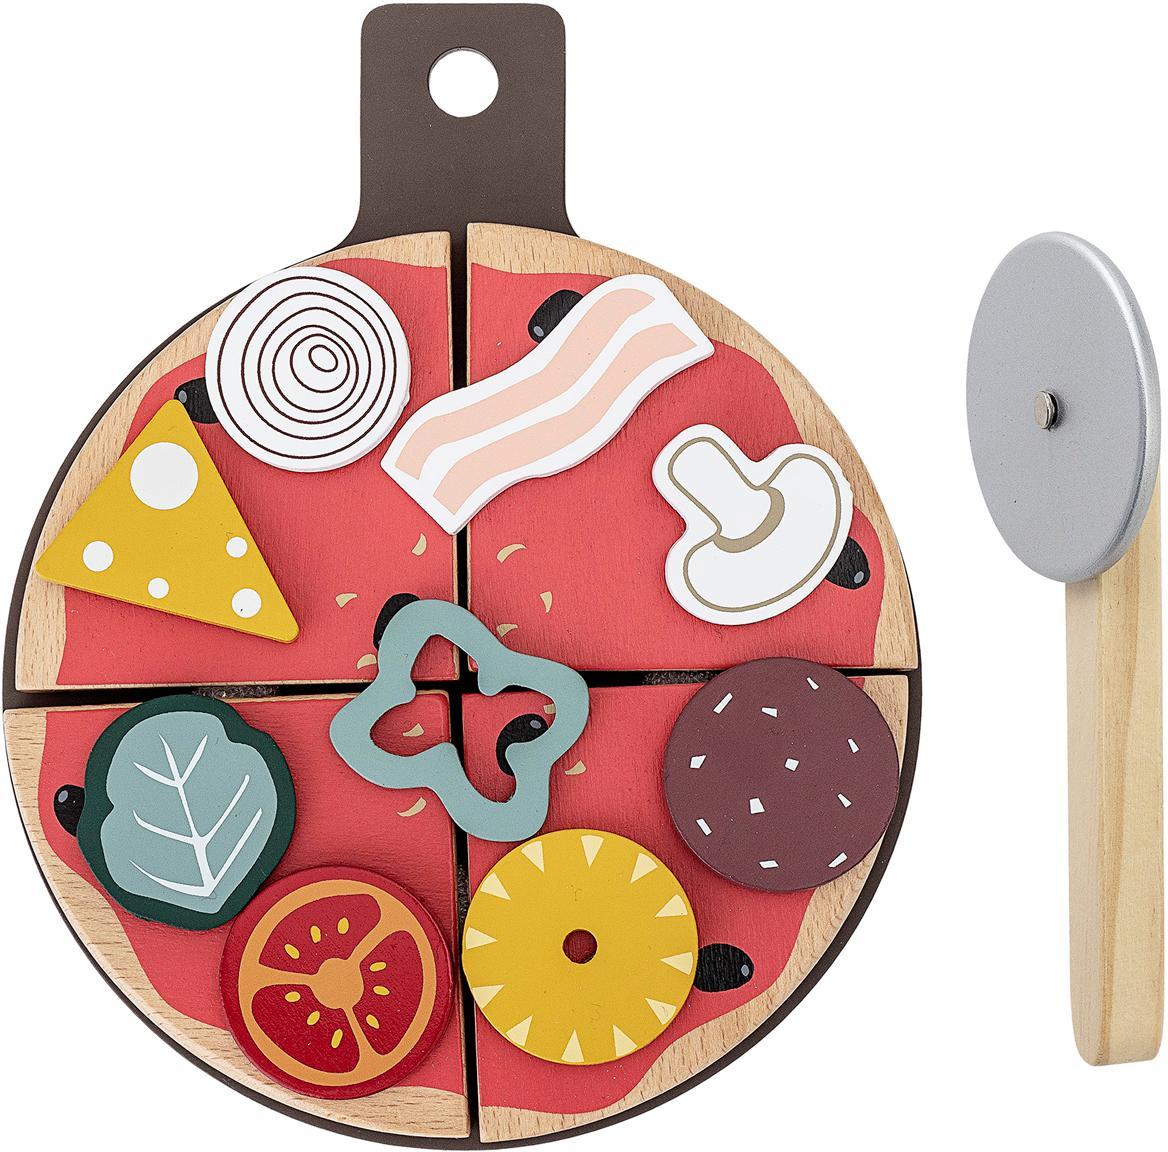 Speelset Pizza, 15-delig, Multiplex, berkenhout, Multicolour, 20 x 3 cm